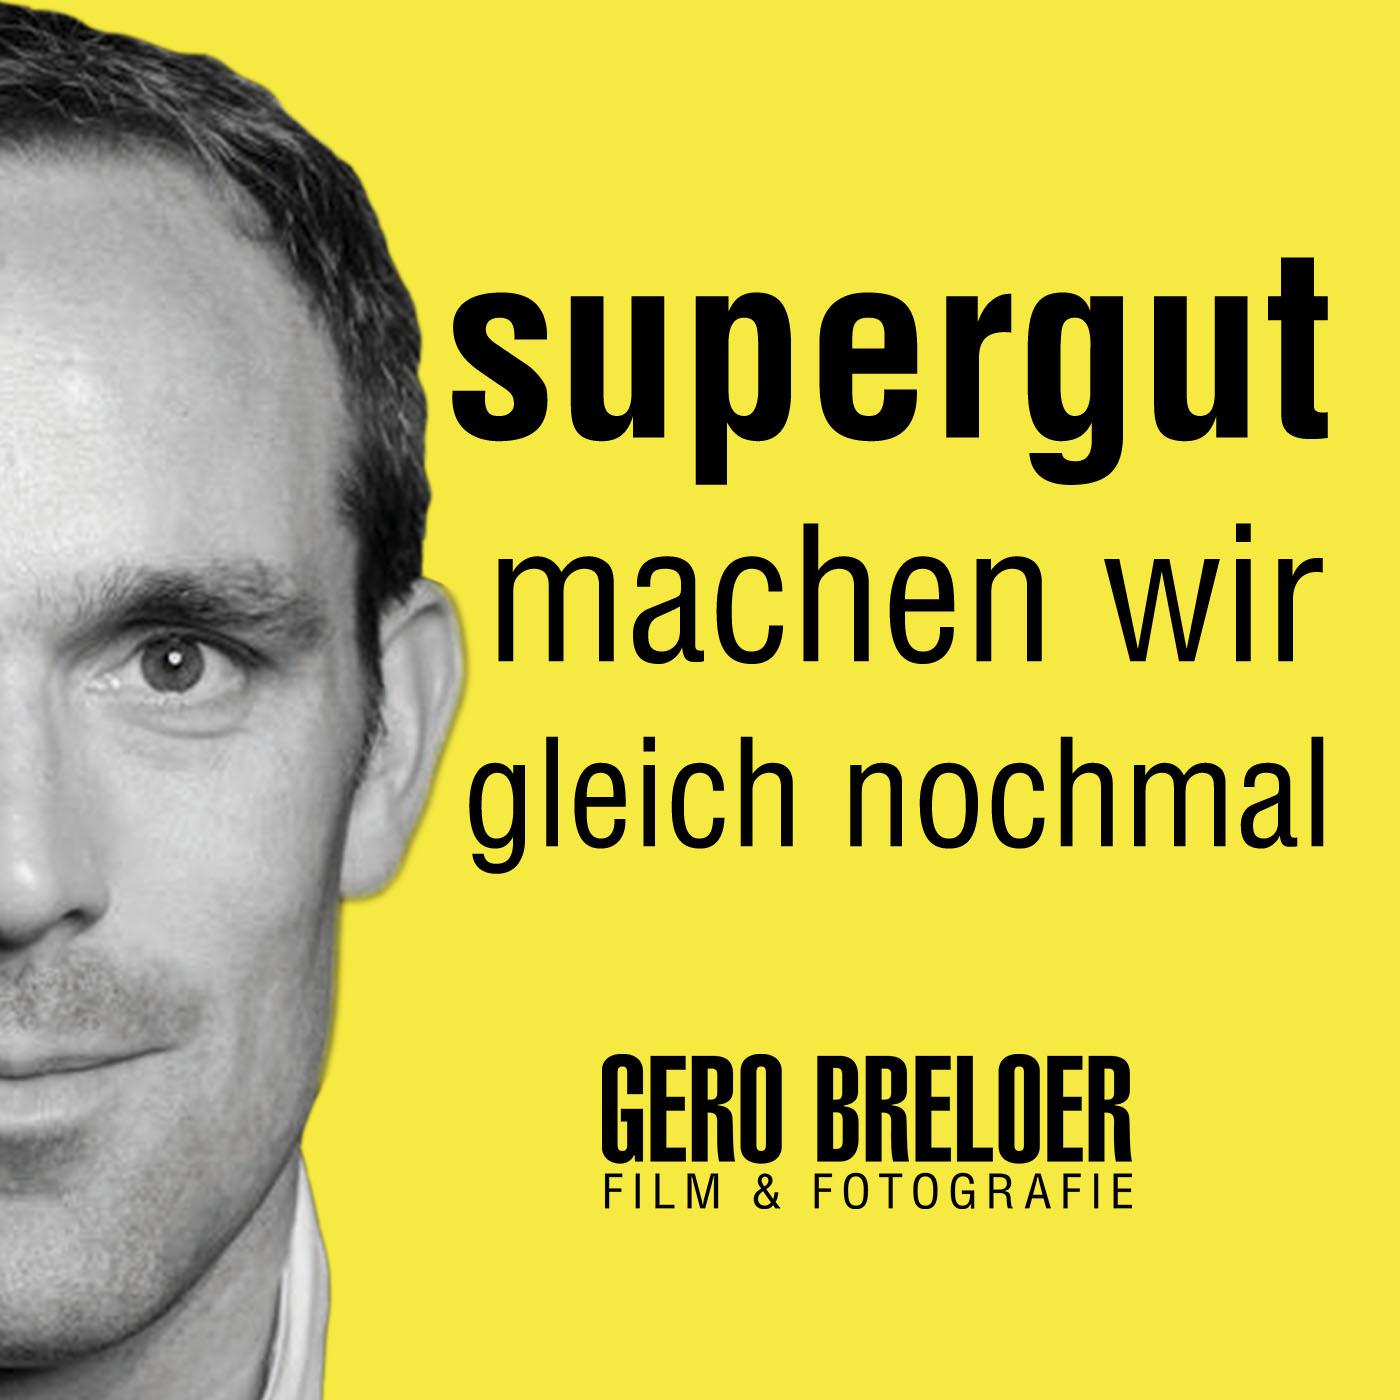 supergut, machen wir gleich nochmal - der Film & Fotografie Podcast von Gero Breloer